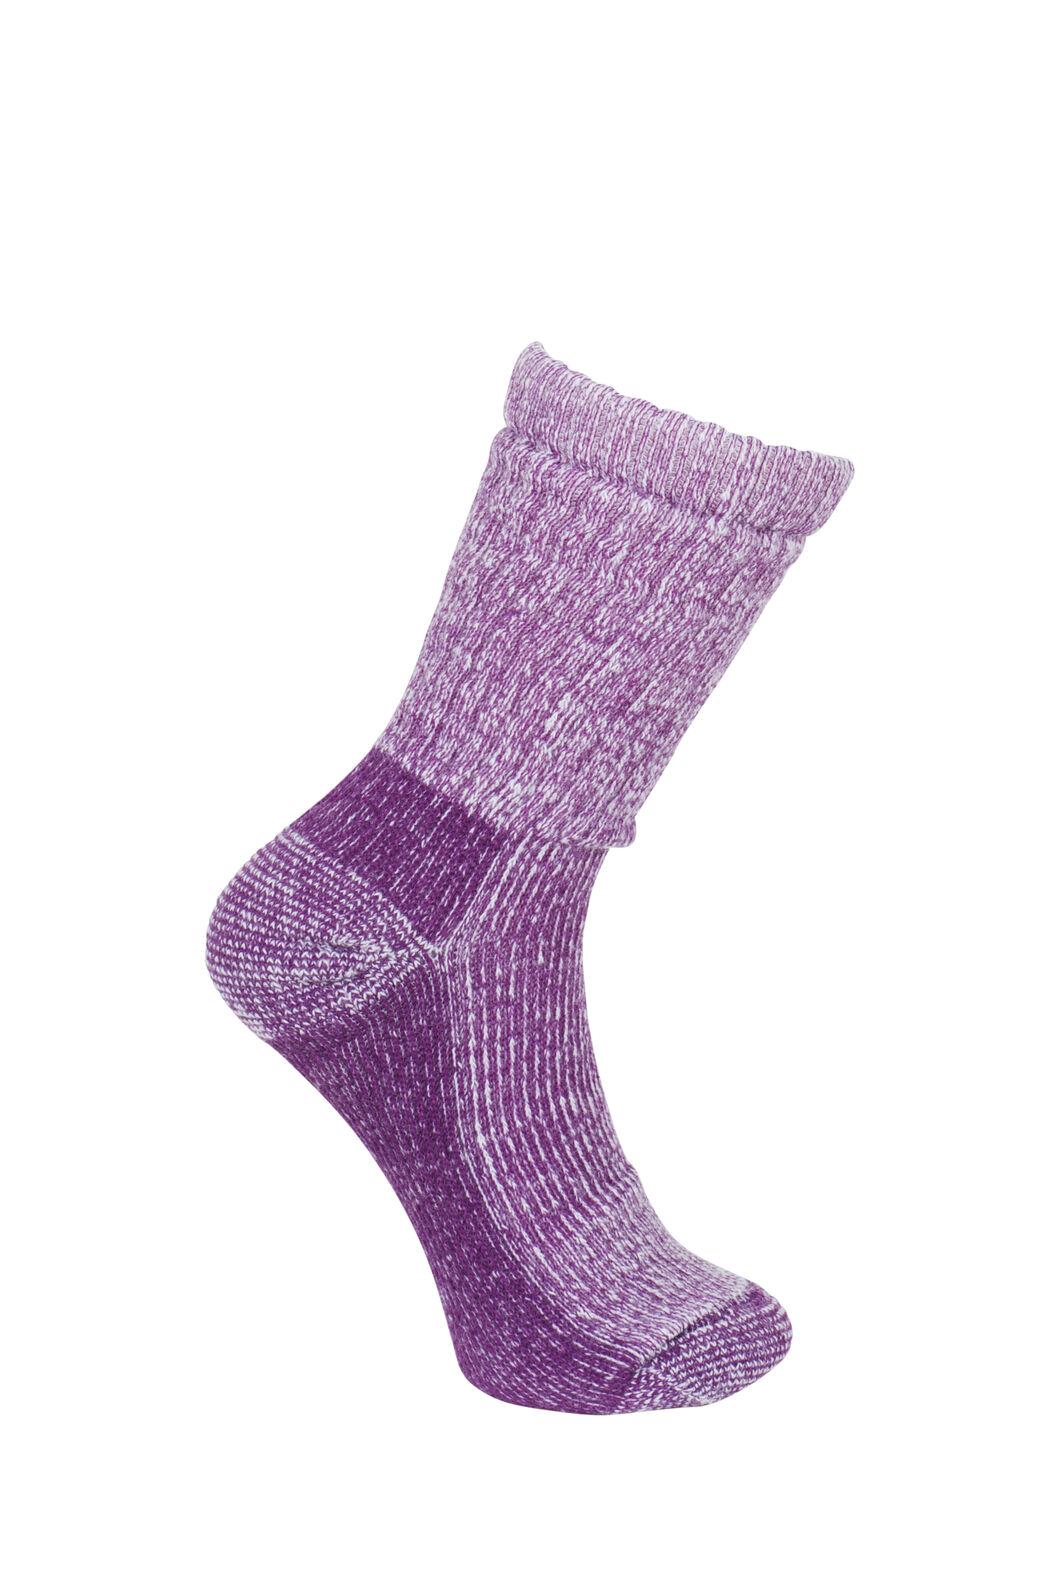 Macpac Winter Hiker Socks - Kids', Magenta, hi-res